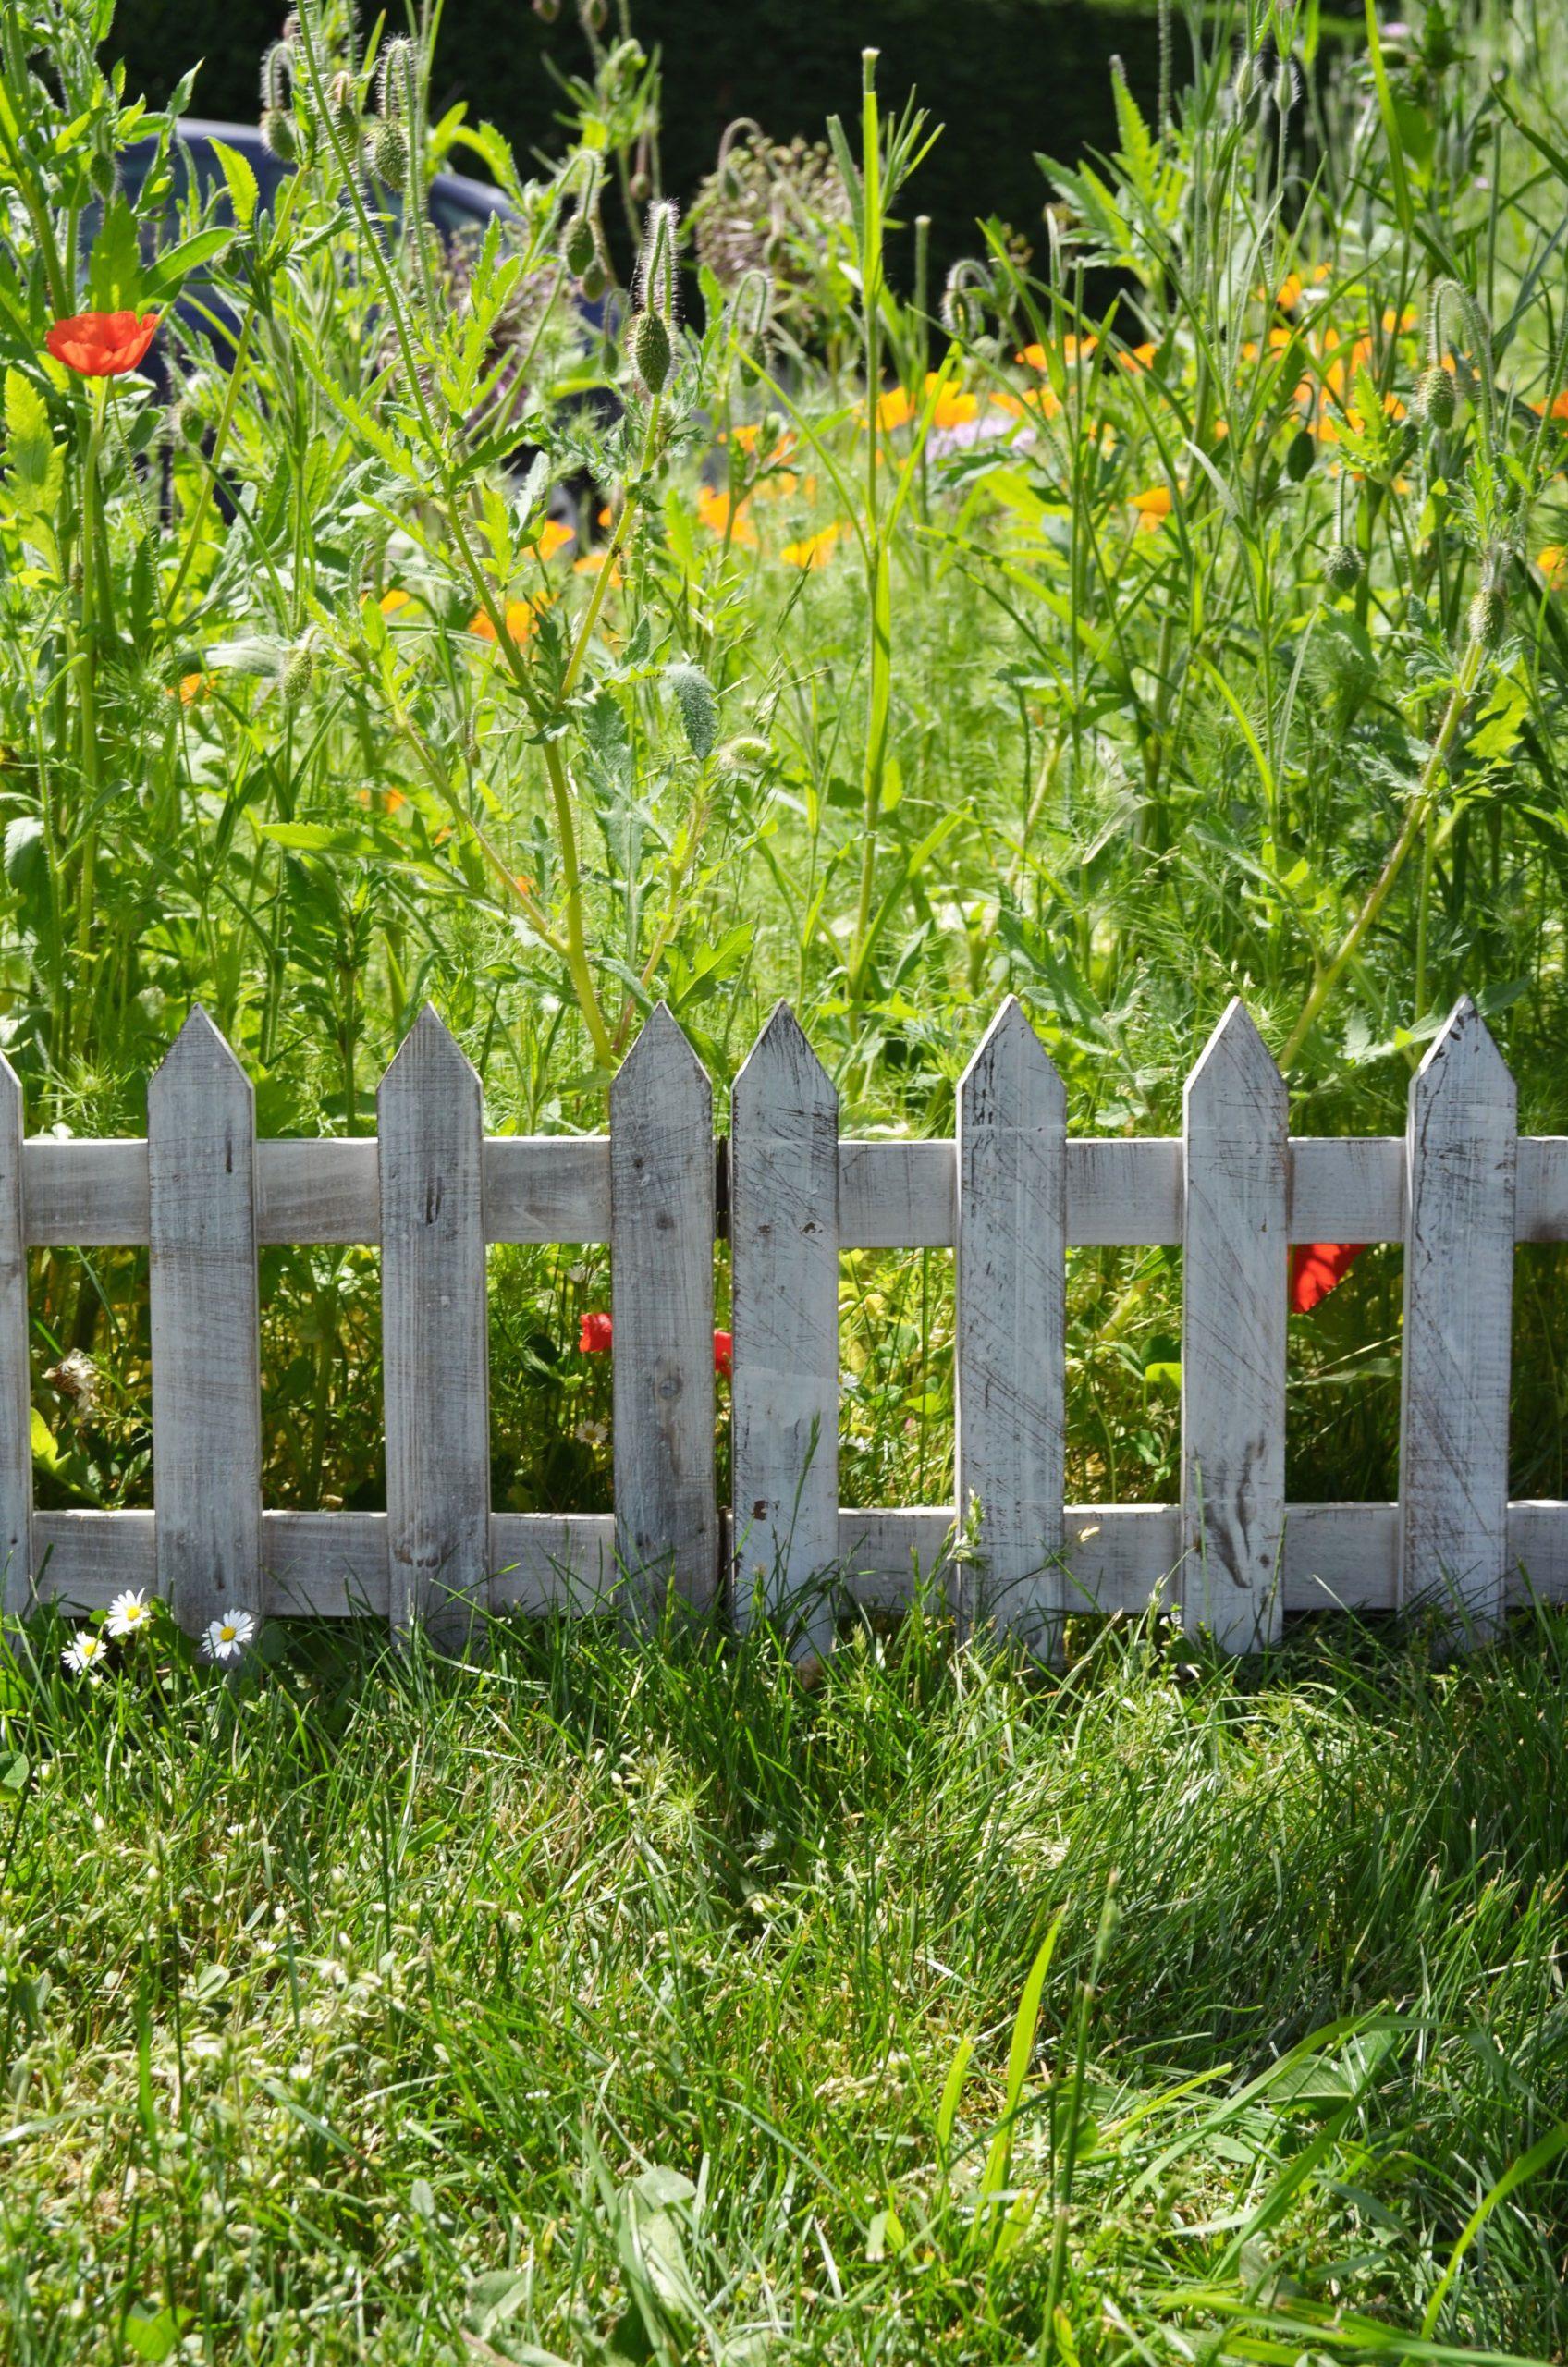 Bordure De Jardin Articulée En Bois De Sapin Pour La ... tout Bordure De Jardin En Grillage